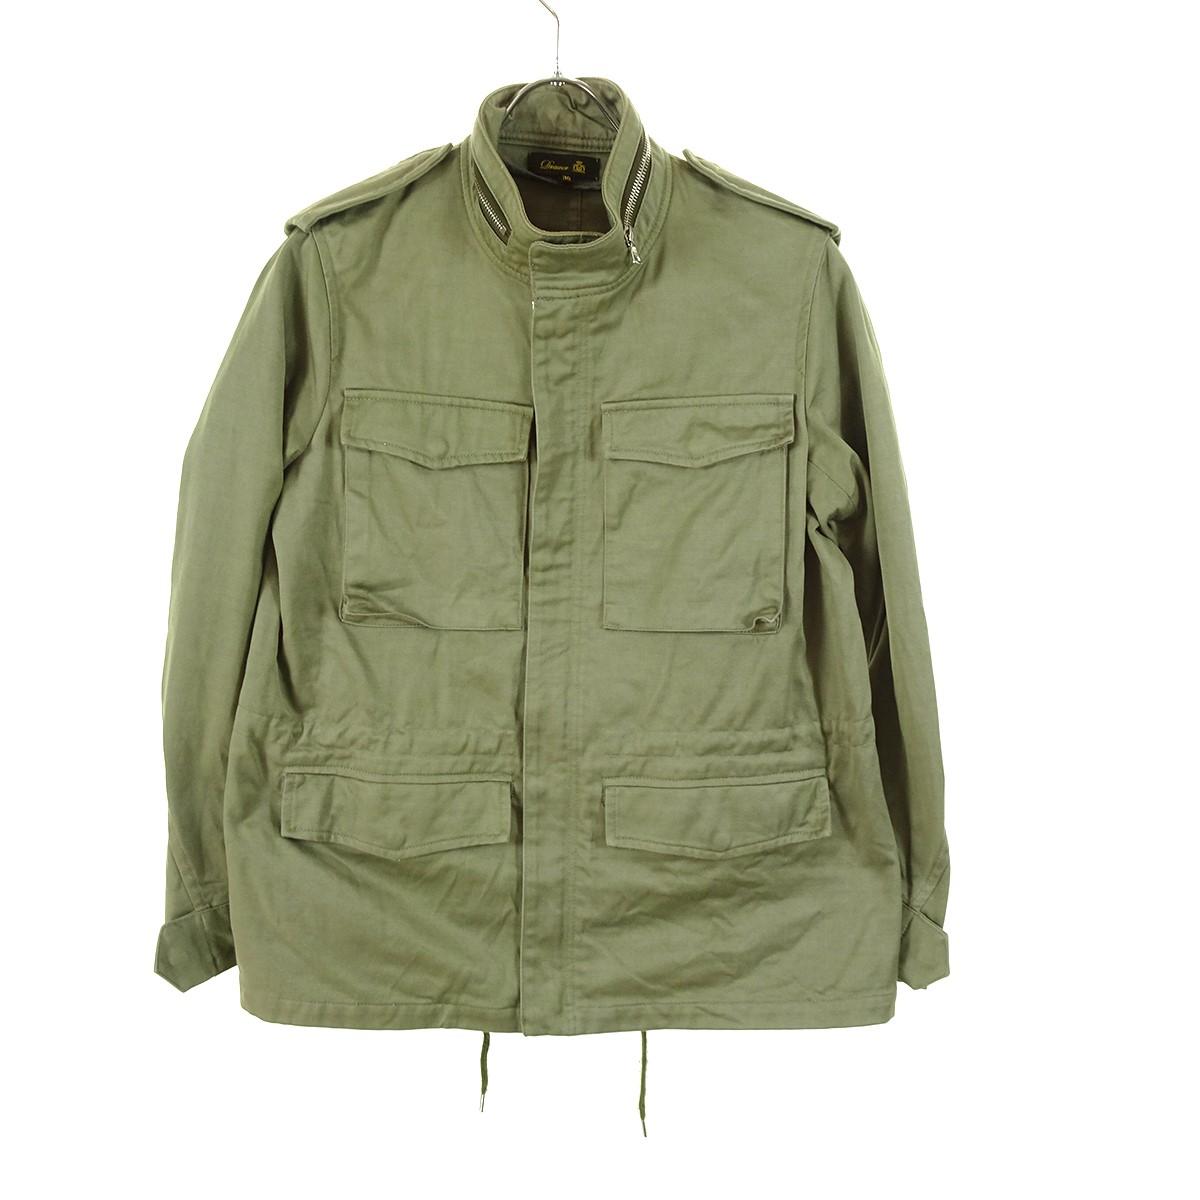 【中古】DRAWER M65ジャケット オリーブ サイズ:36 【190220】(ドゥロワー)